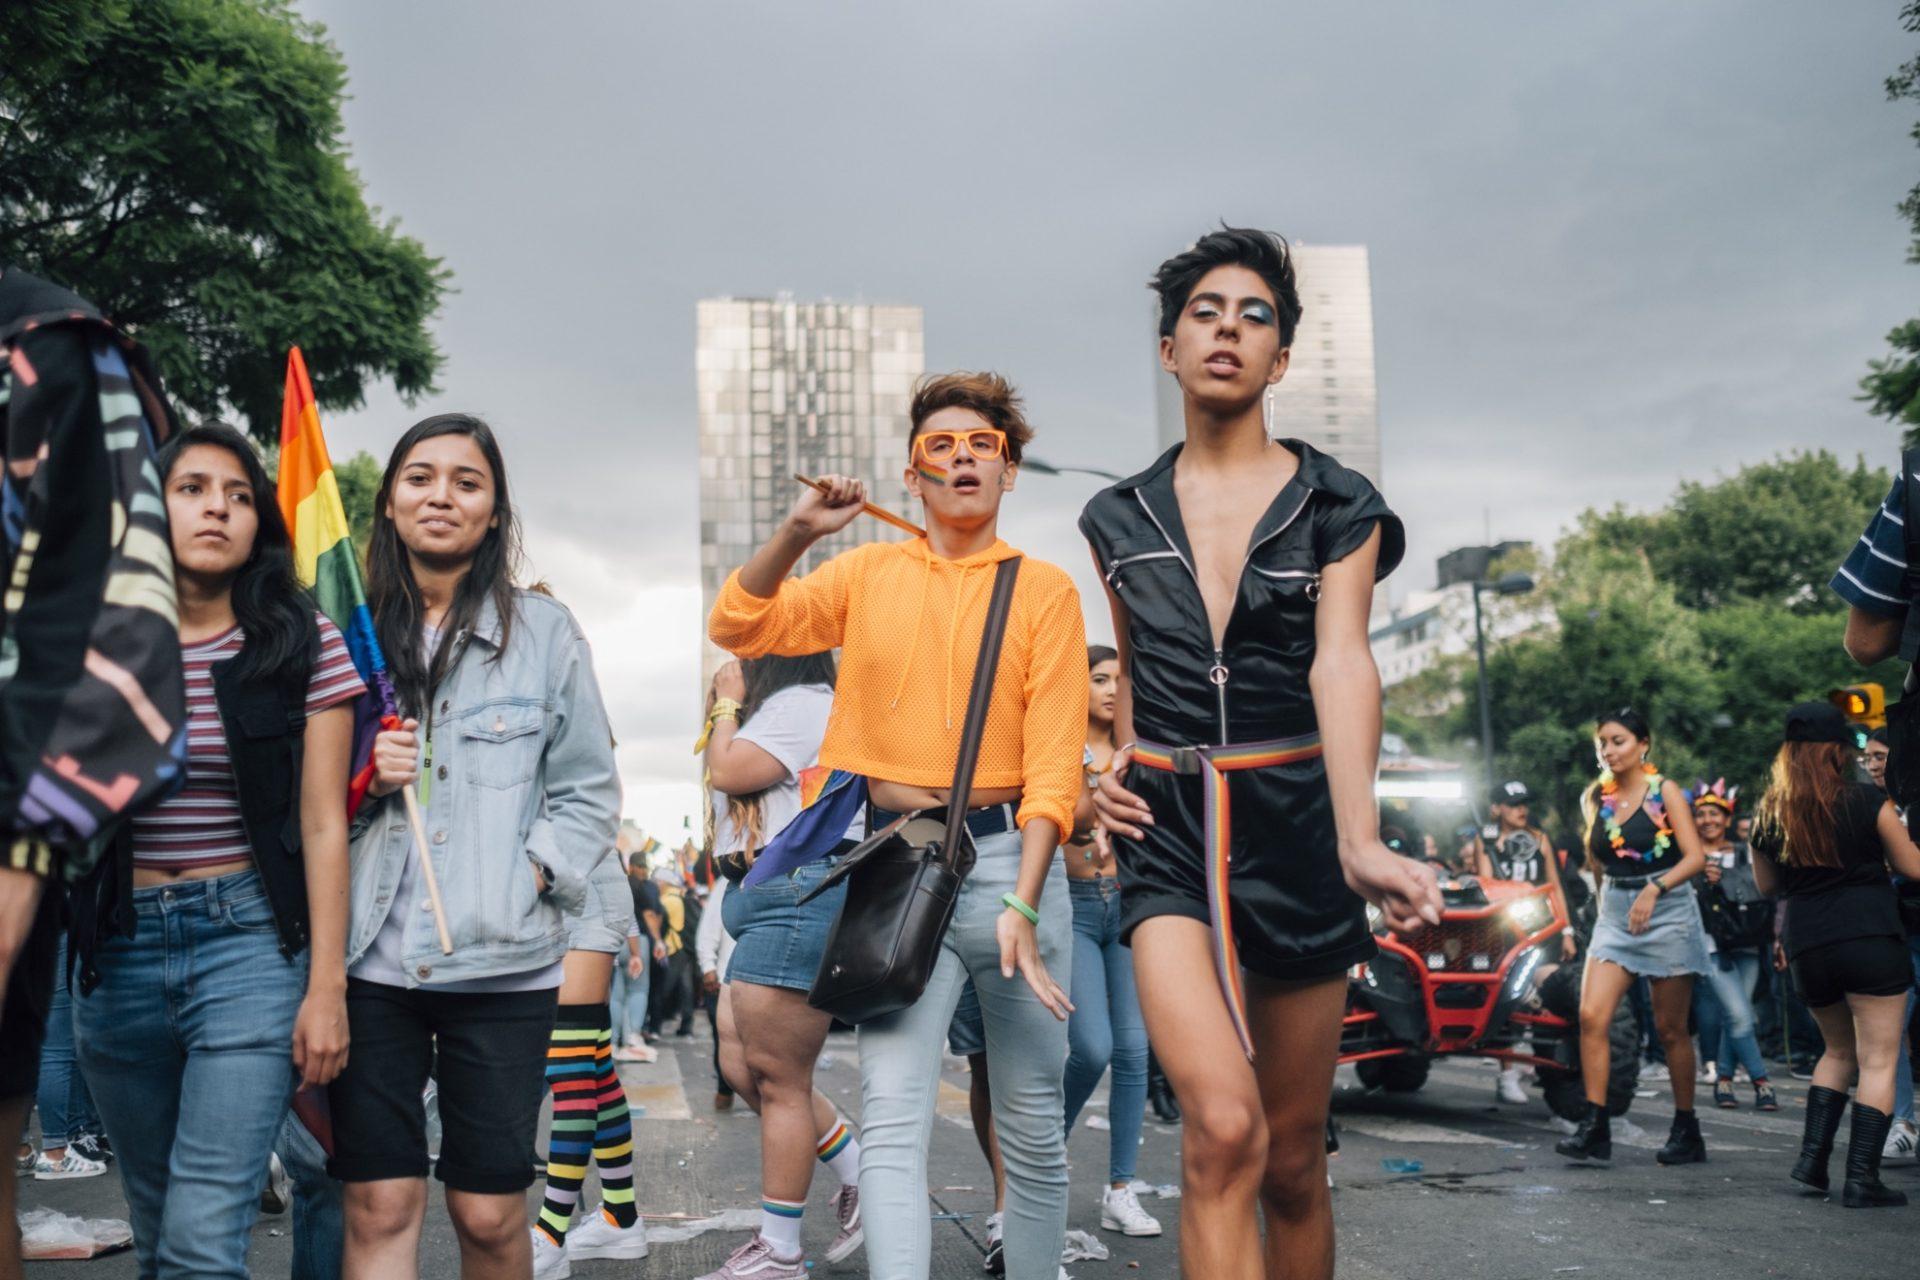 Gay pryde 2019 Mexico @laurentparienti-11